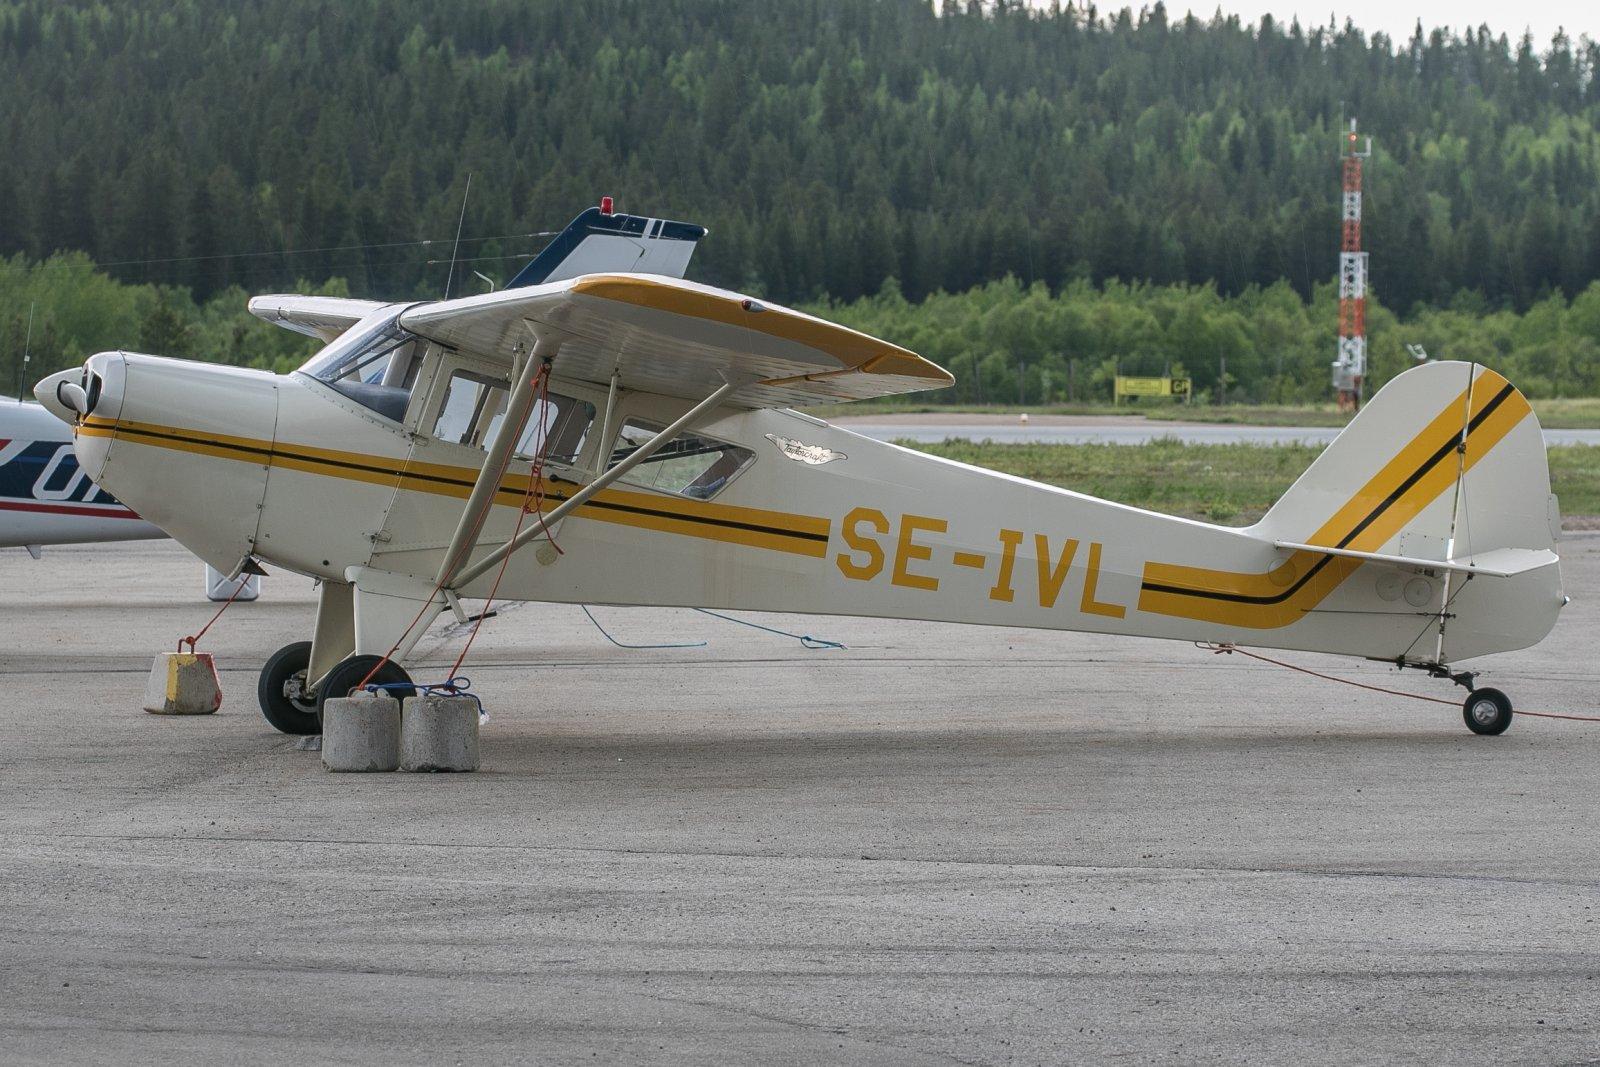 SE-IVL. Taylorcraft F-21B